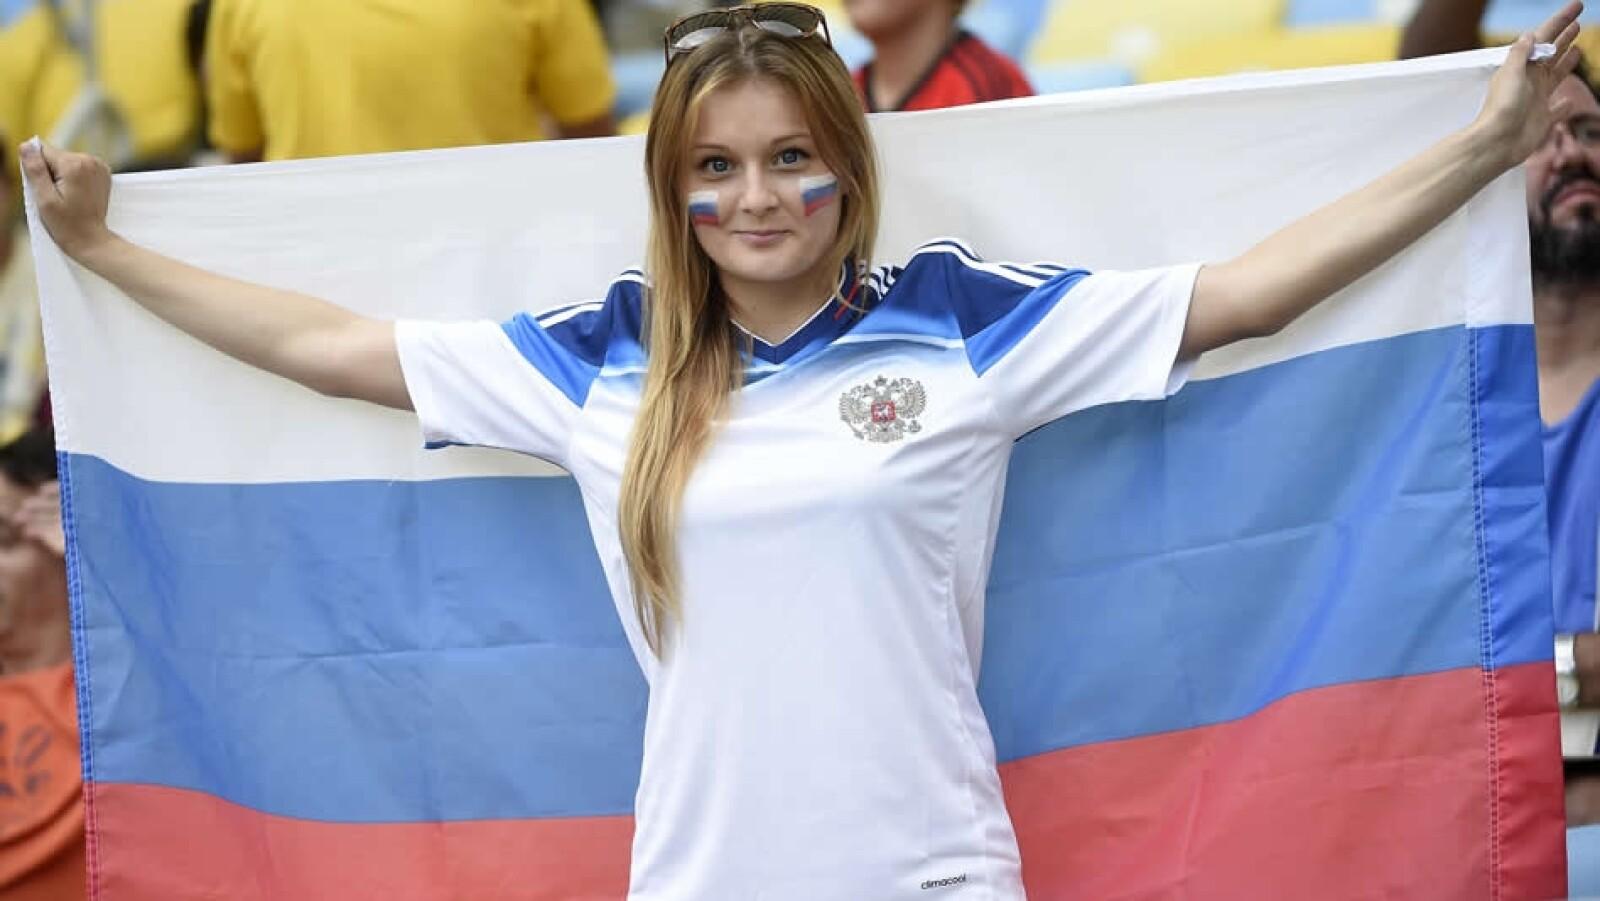 Una rusa mostrando su orgullo y pasión con una bandera de la nación europea